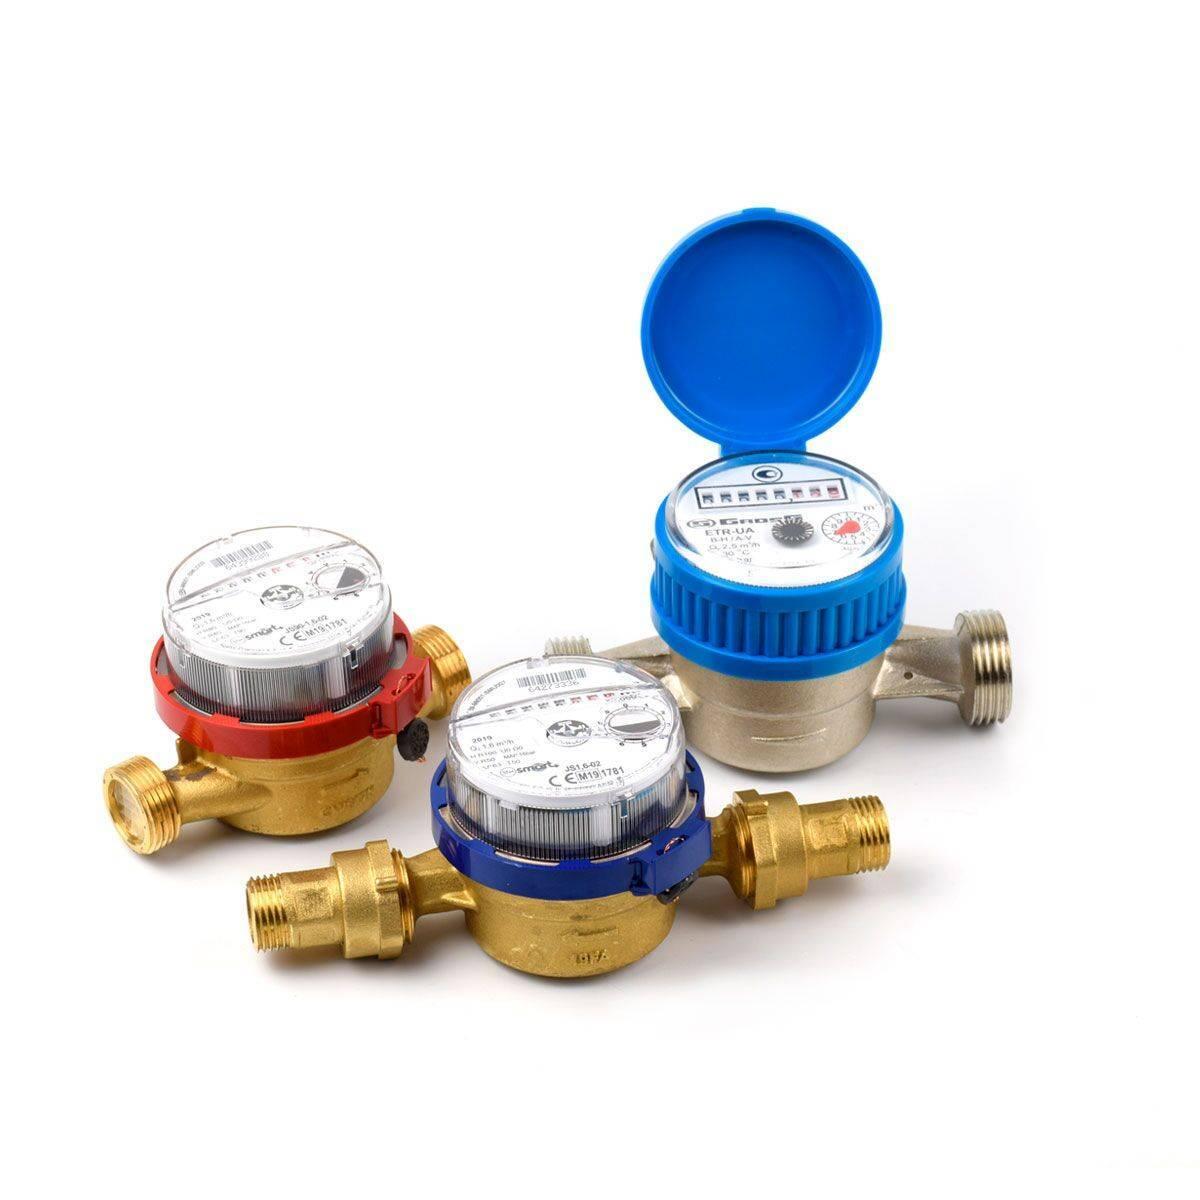 Как выбрать счетчик для воды в квартире правильно: виды водомеров и их характеристики, список лучших производителей